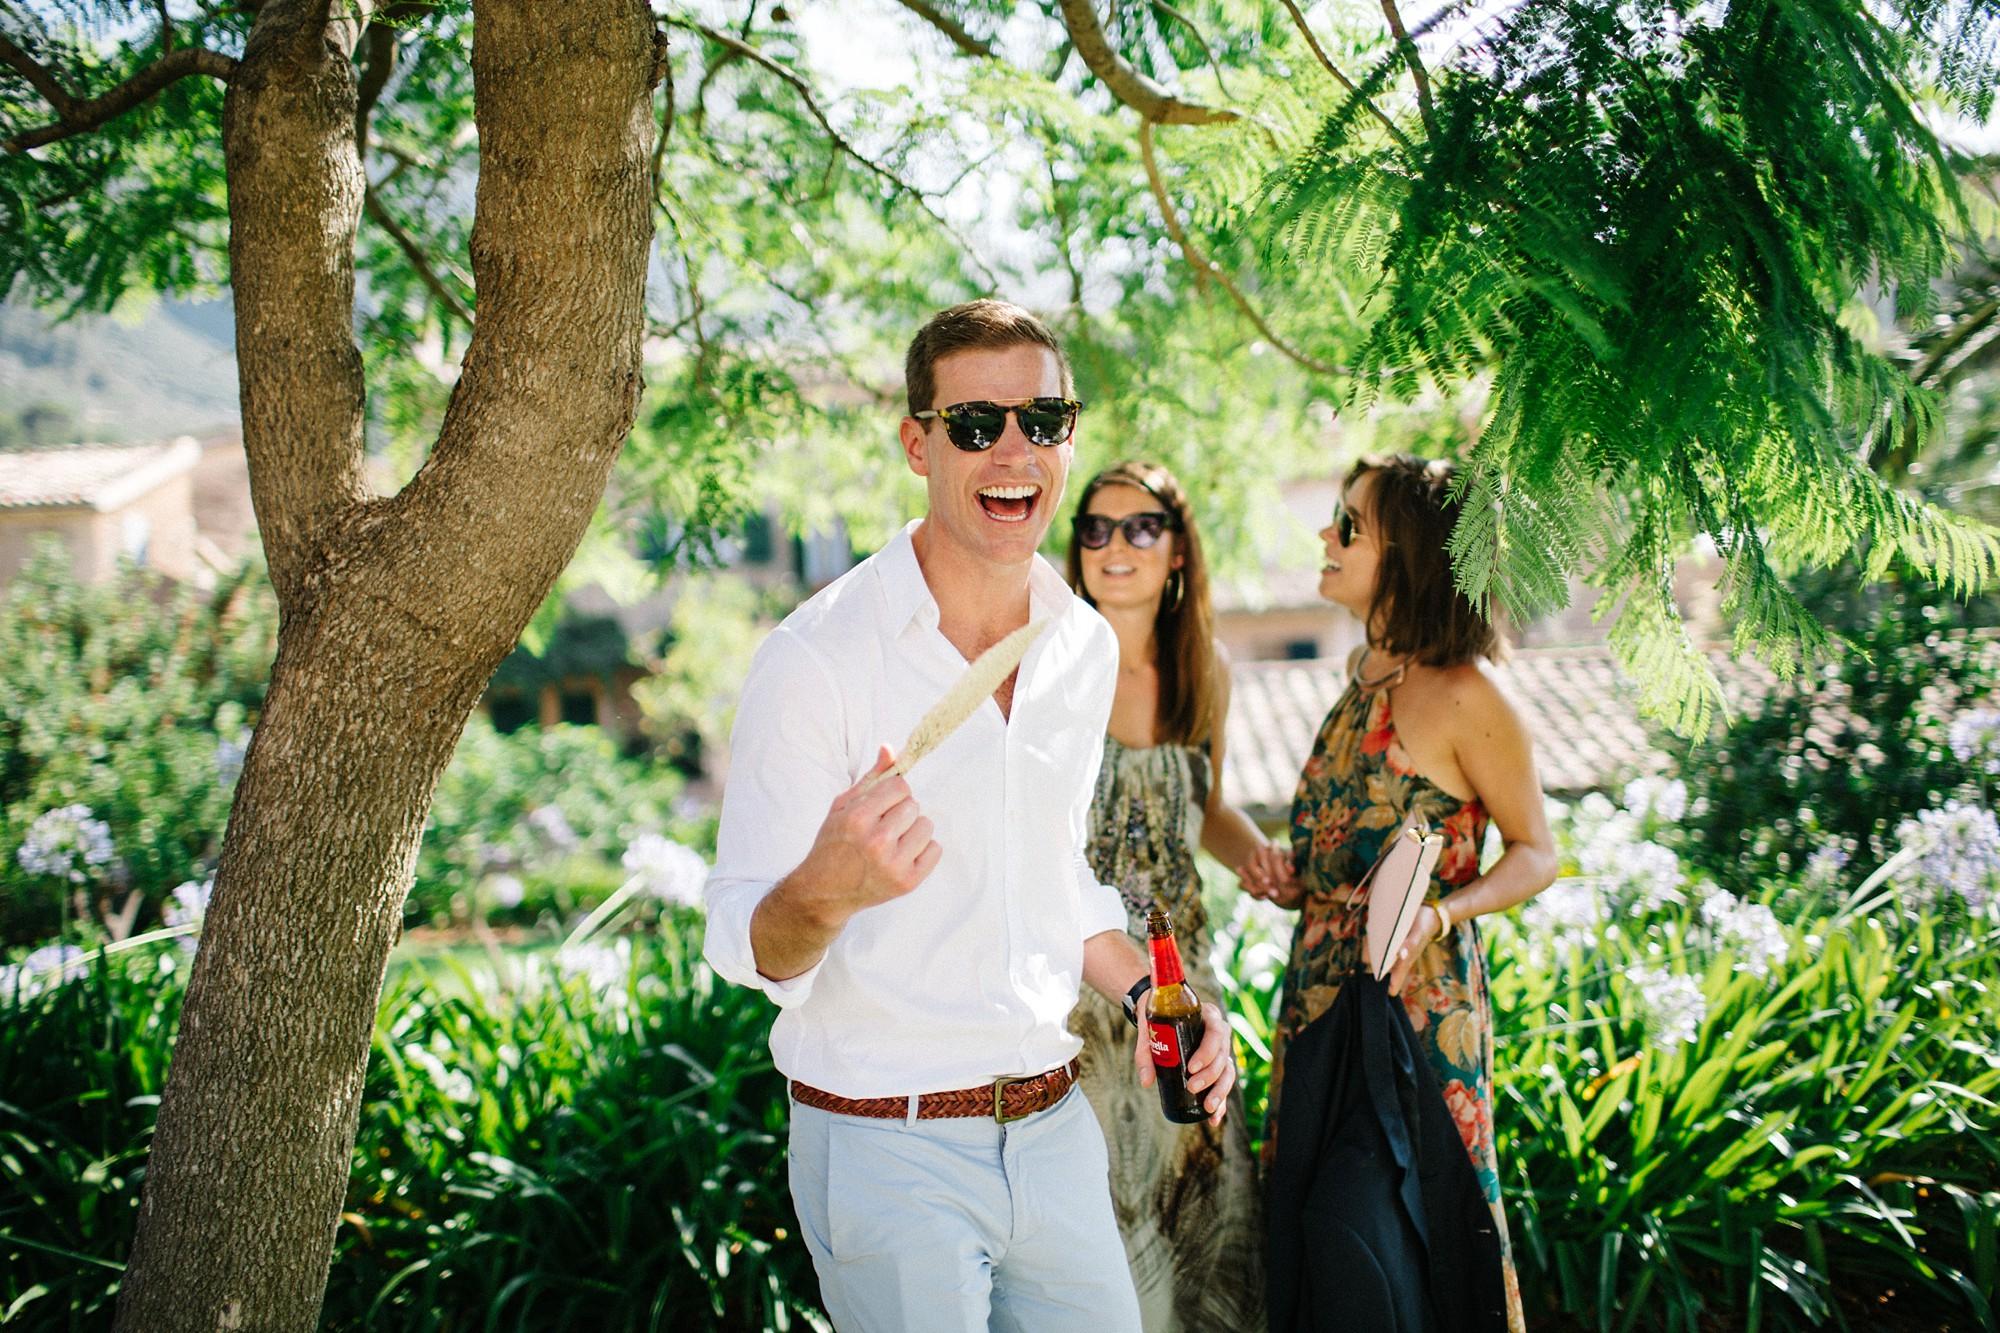 fotografos de boda en valencia barcelona mallorca wedding photographer144.jpg